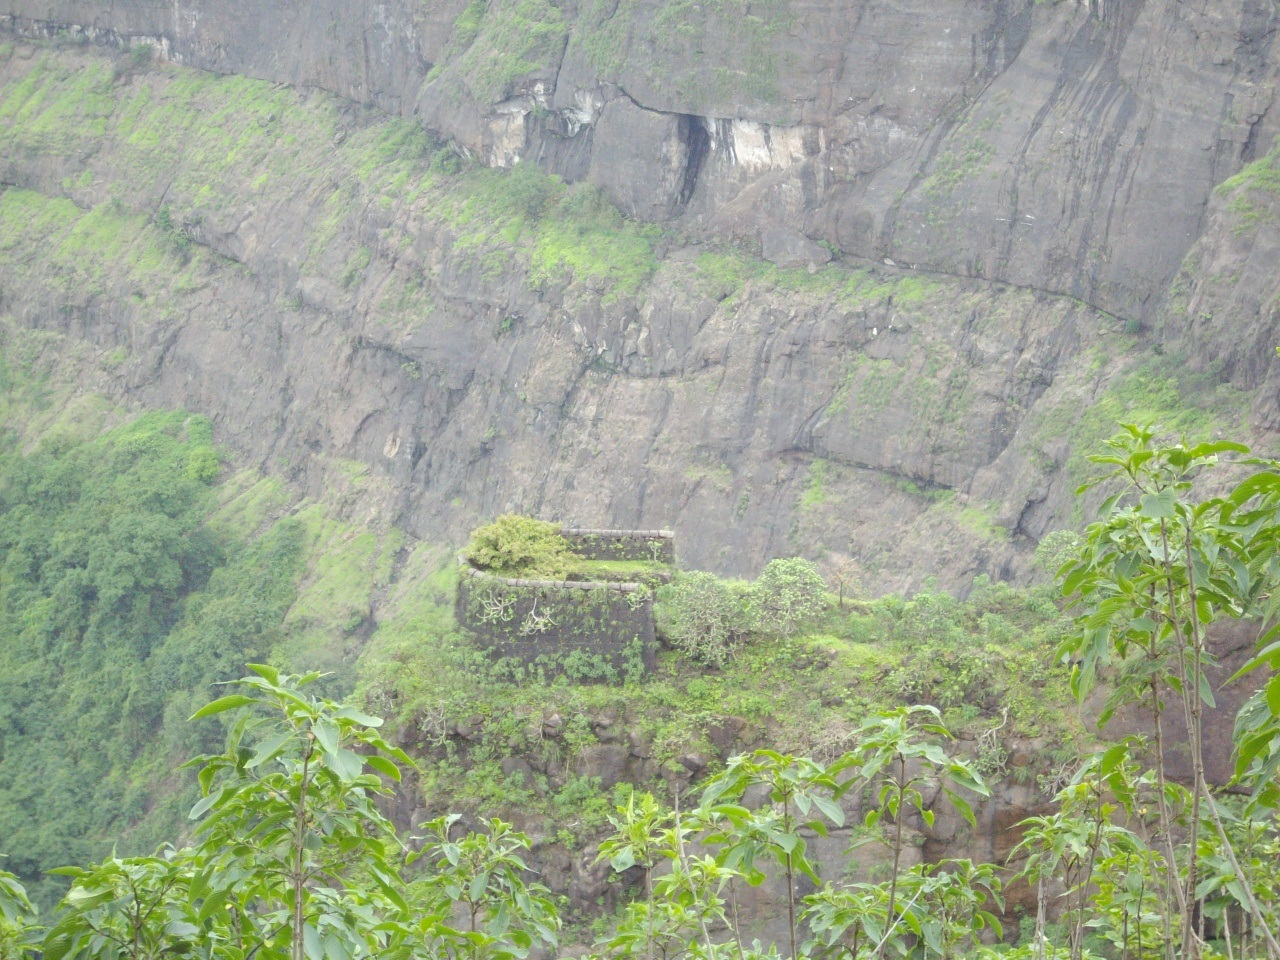 Немного опасная тропиночка из форта Kalavantin Durg Мумбаи, имеет, около, которые, место, Западные, пешие, «Панорама», названием, соответствующим, роскошных, пункта, обзорного, туристы, наблюдать, красивы, совершают, особенно, экскурсию, заросшему